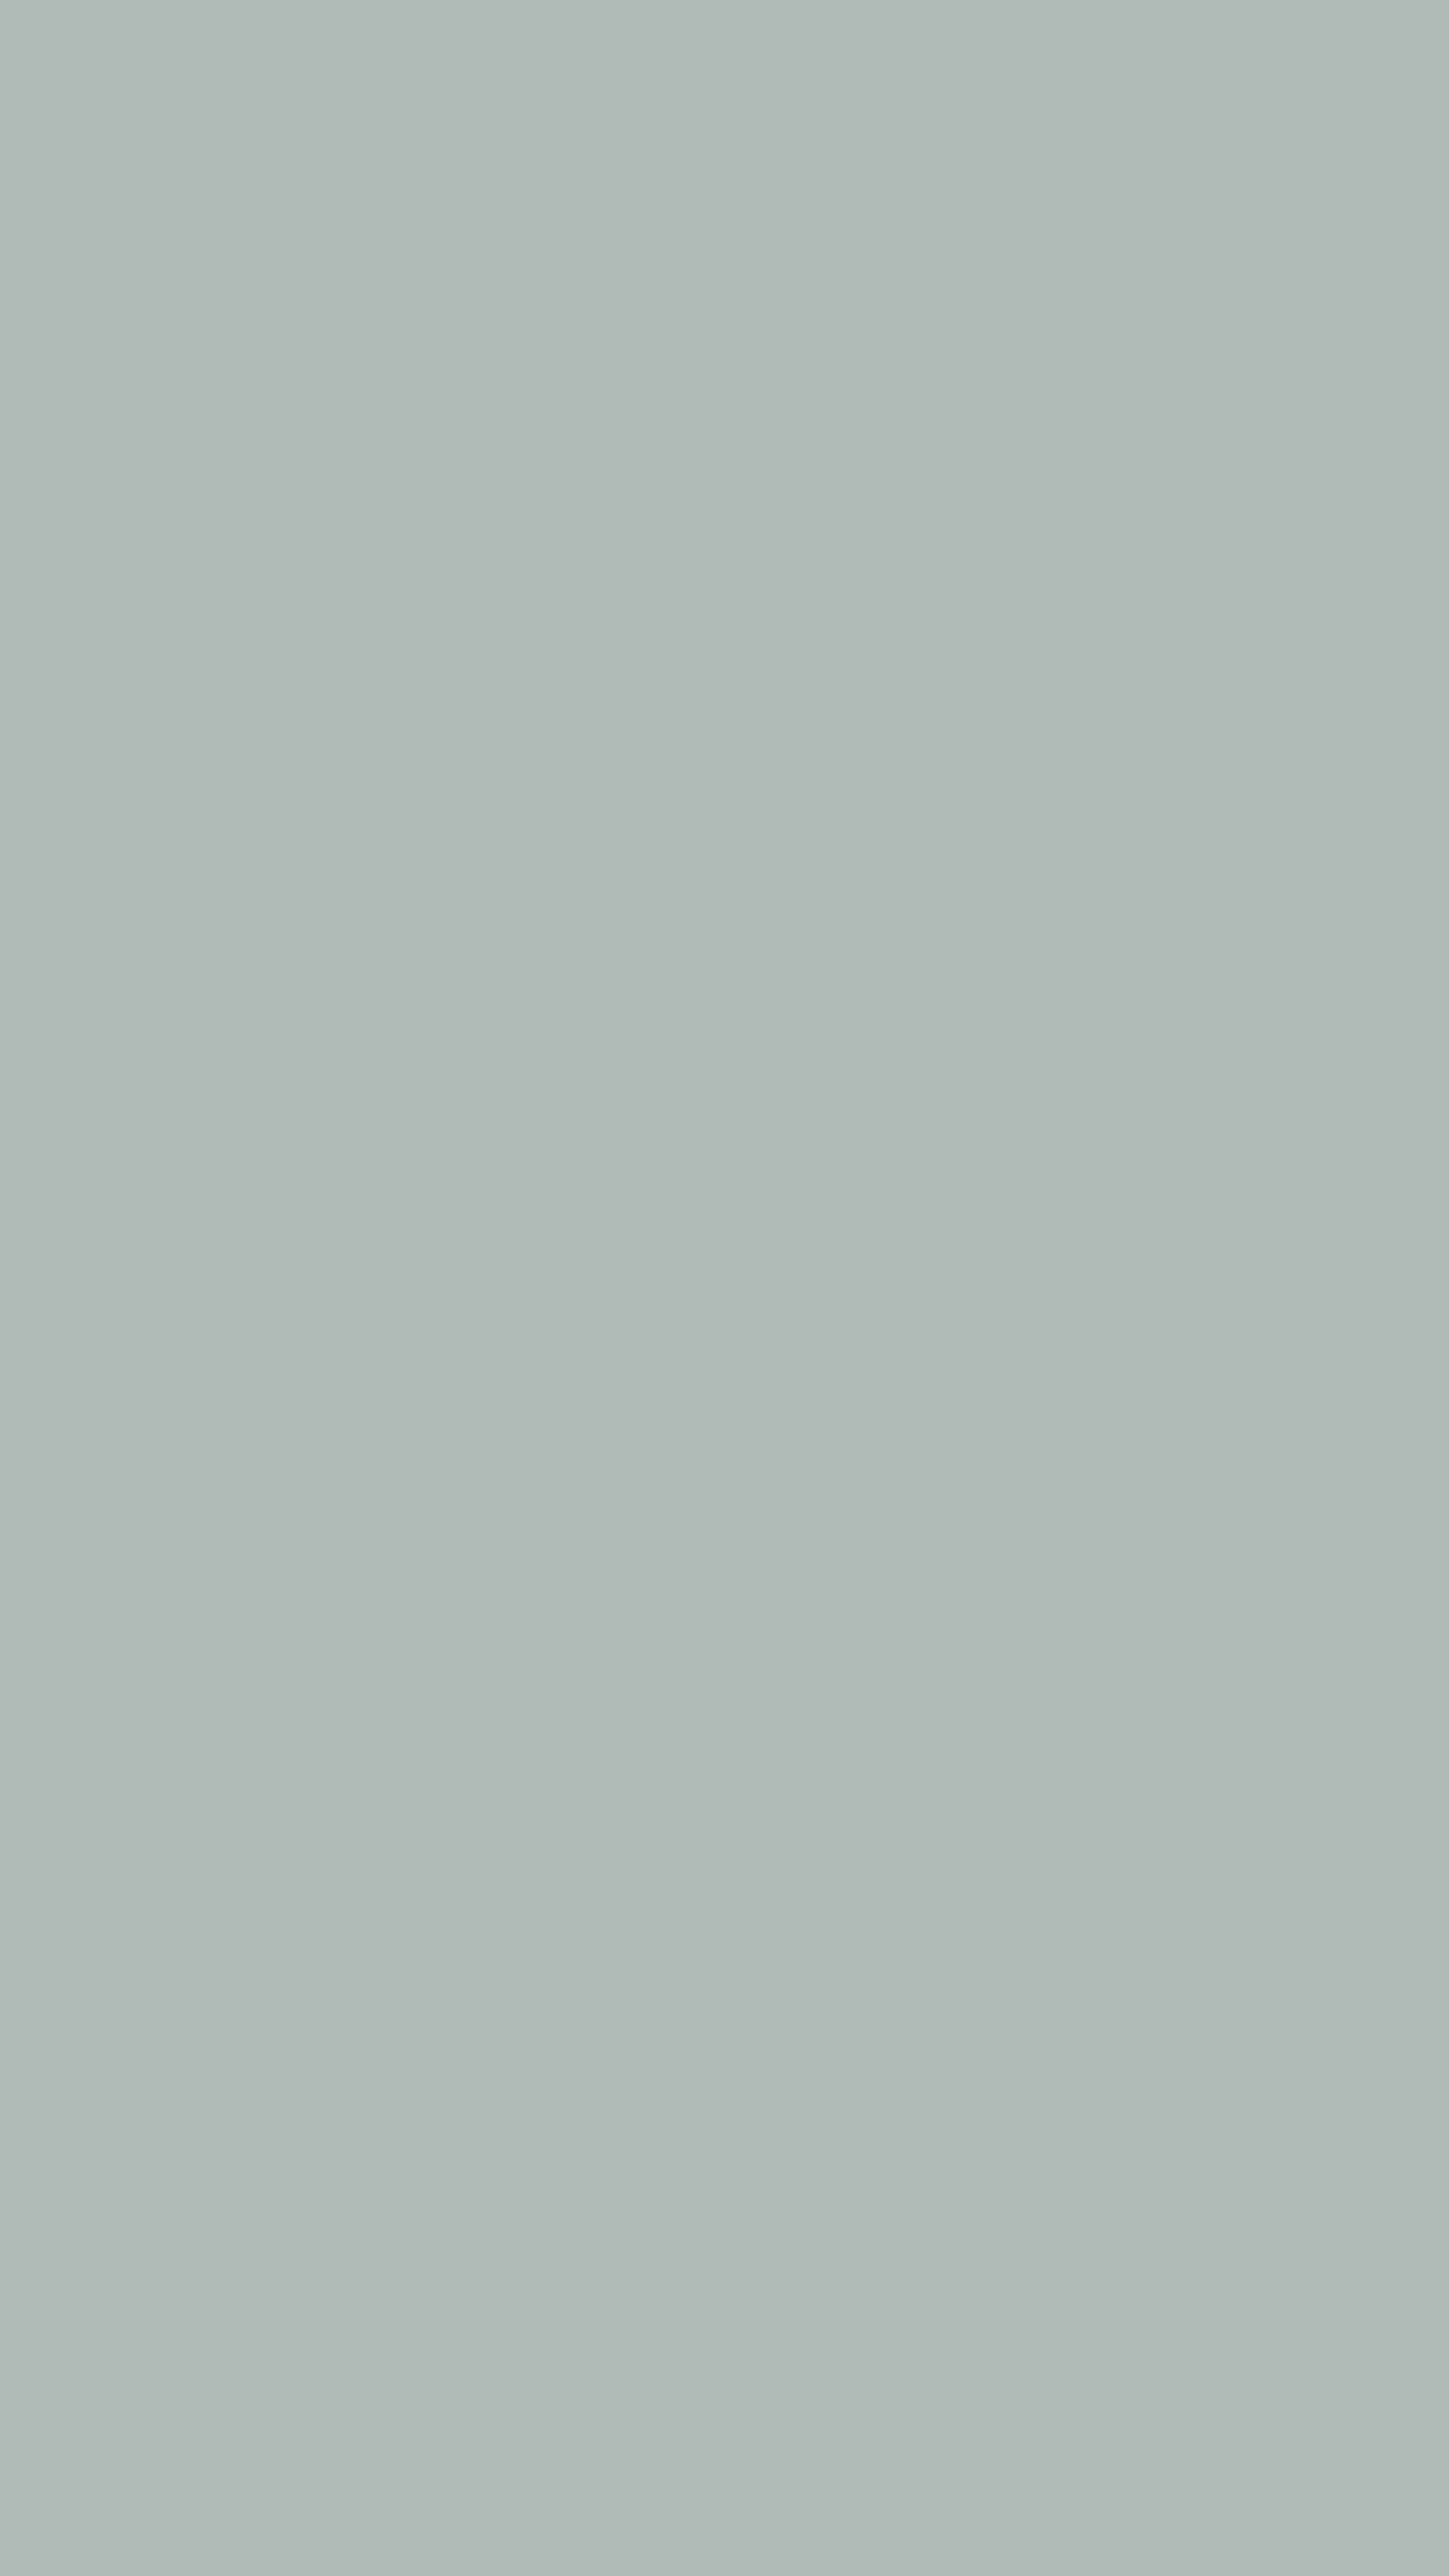 White Solid Color Wallpaper Hd En 2020 Peinture Vert D Eau Peinture Little Greene Peinture Mur